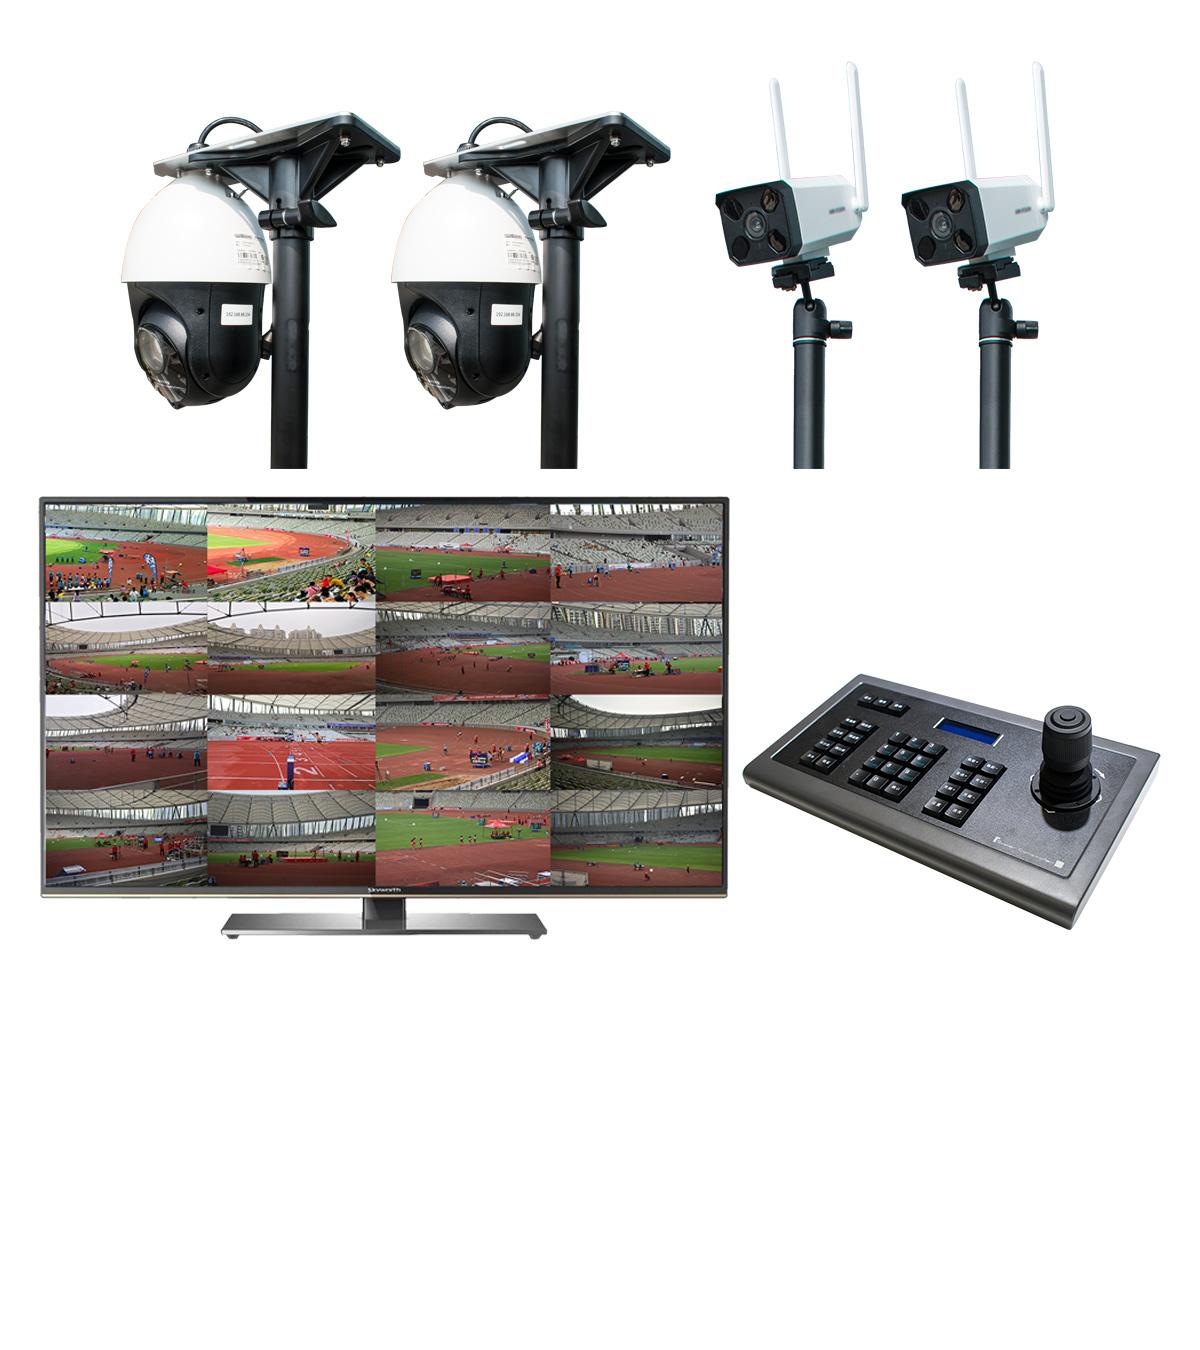 竞赛摄像审议系统